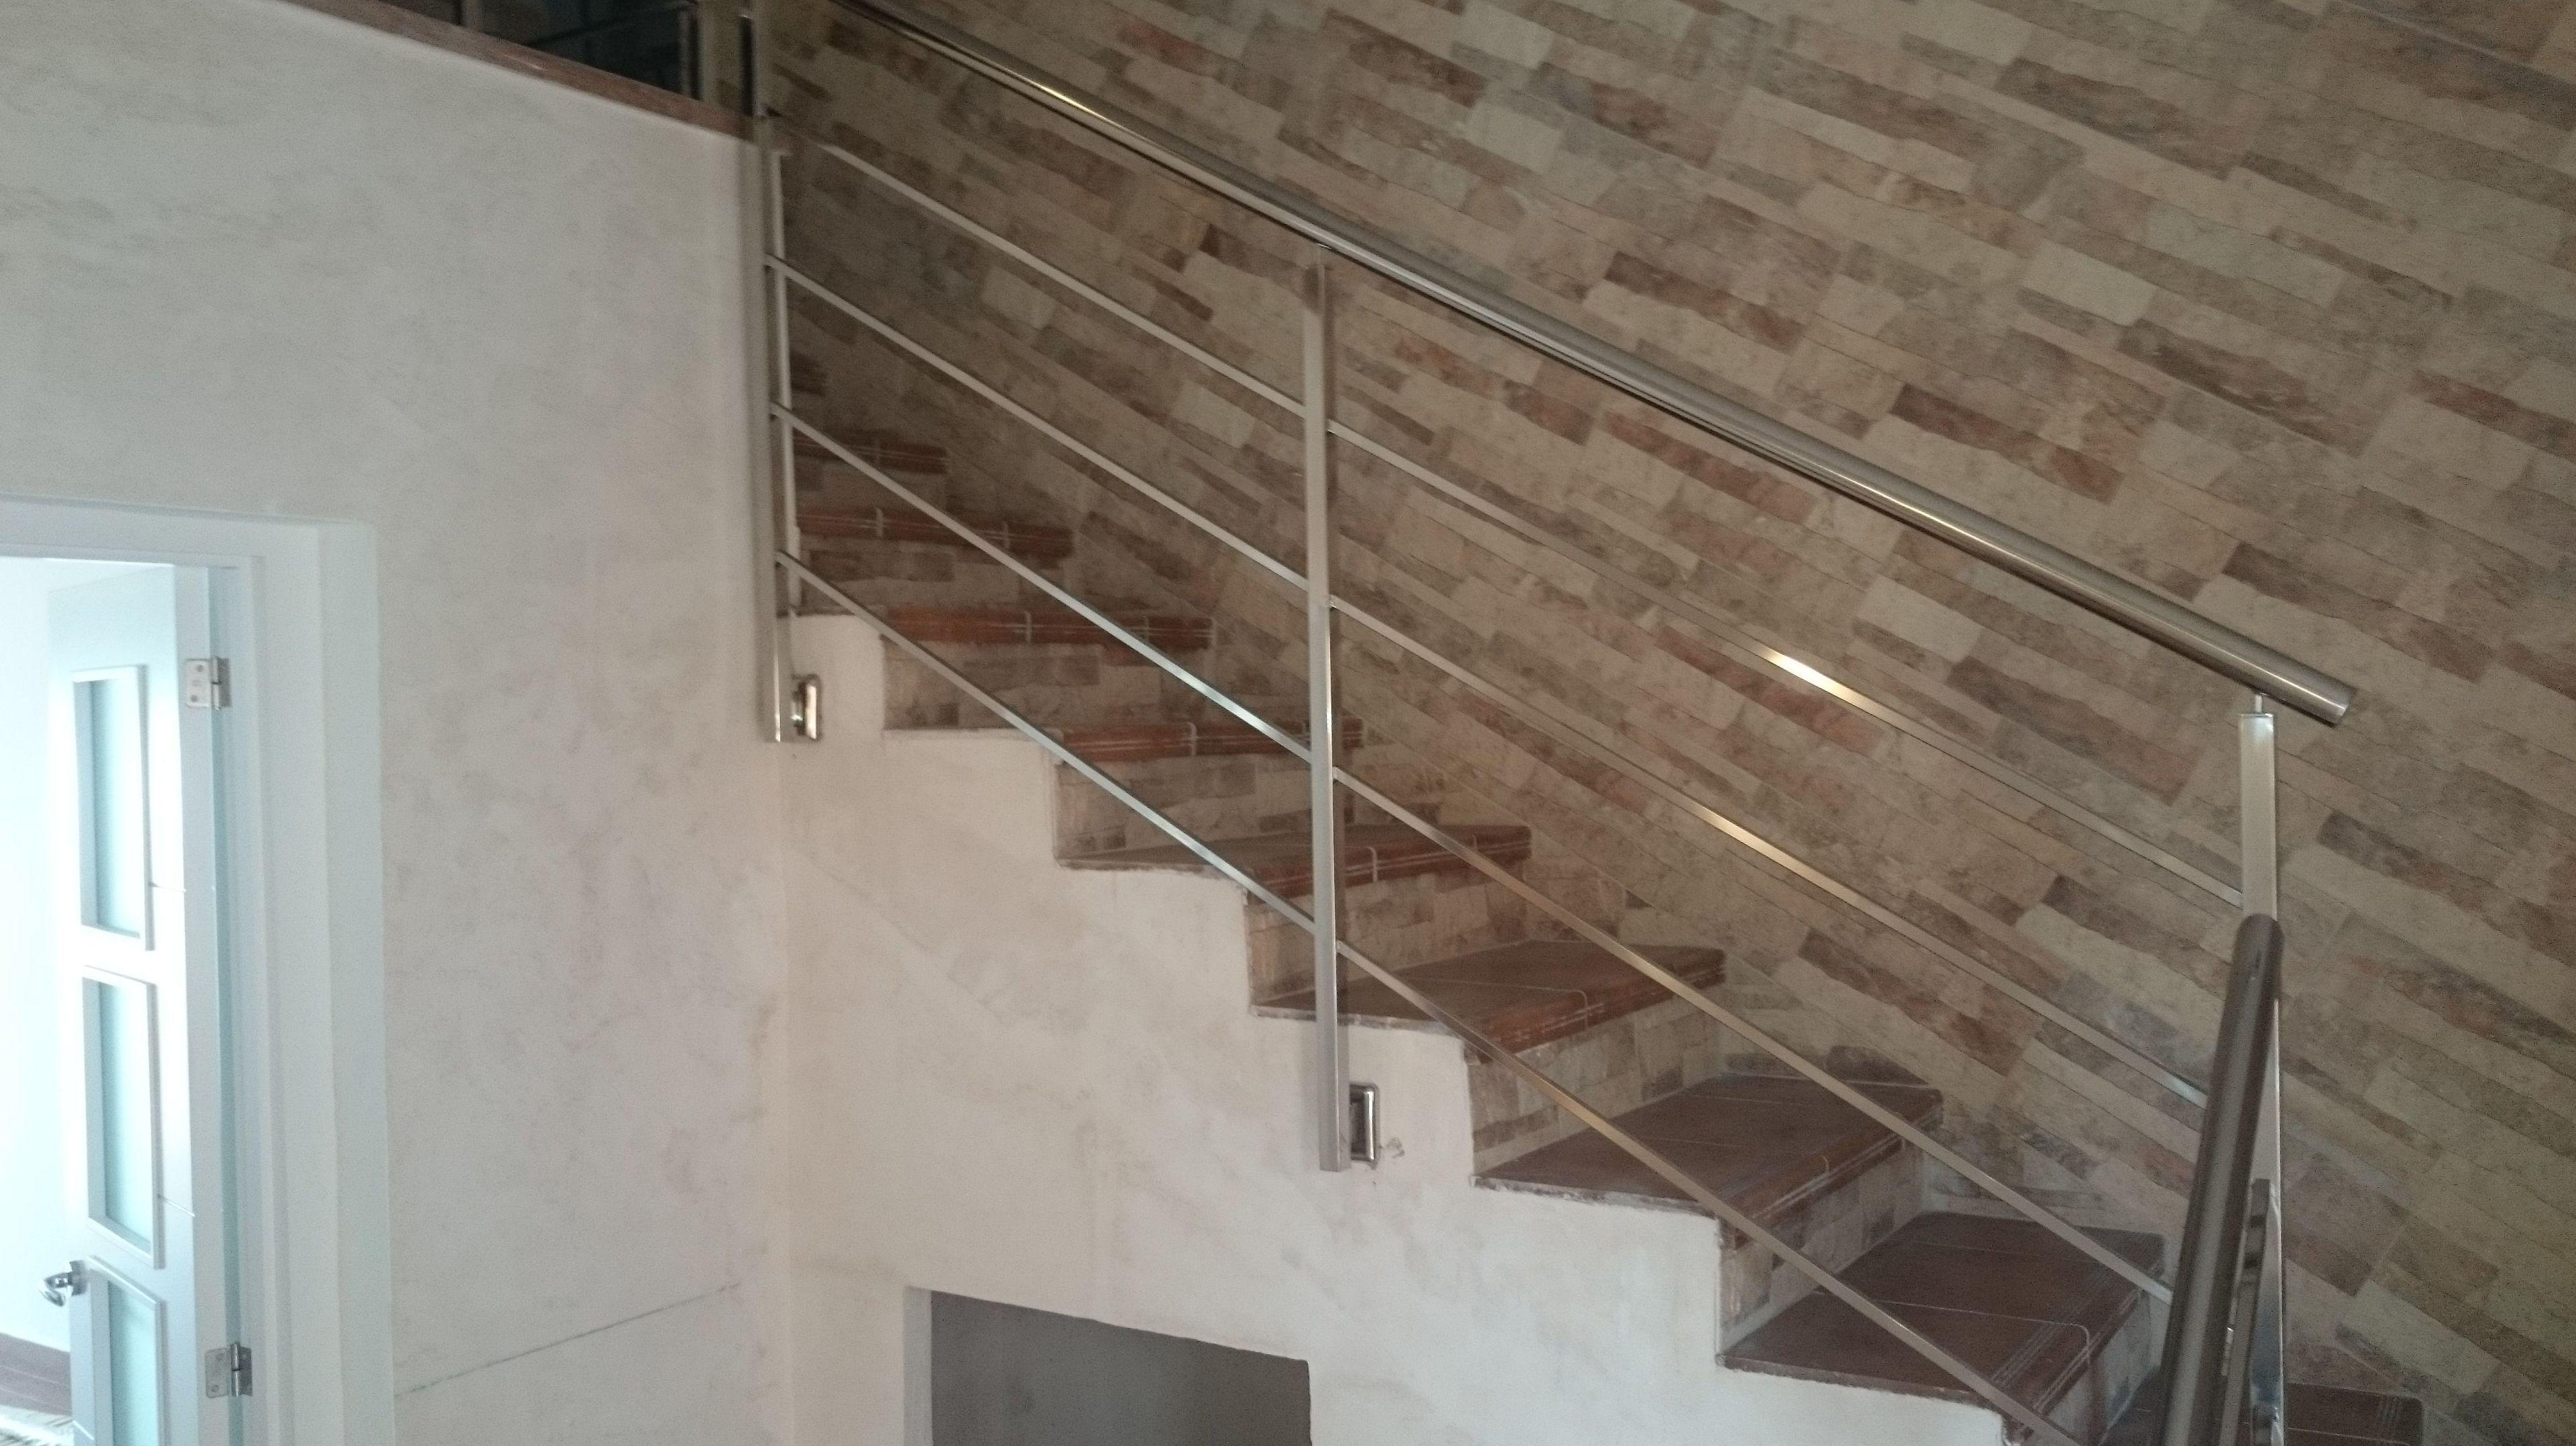 Foto 64 de Especialistas en diseños y proyectos en acero inoxidable en Alcalá de Guadaíra | Icminox